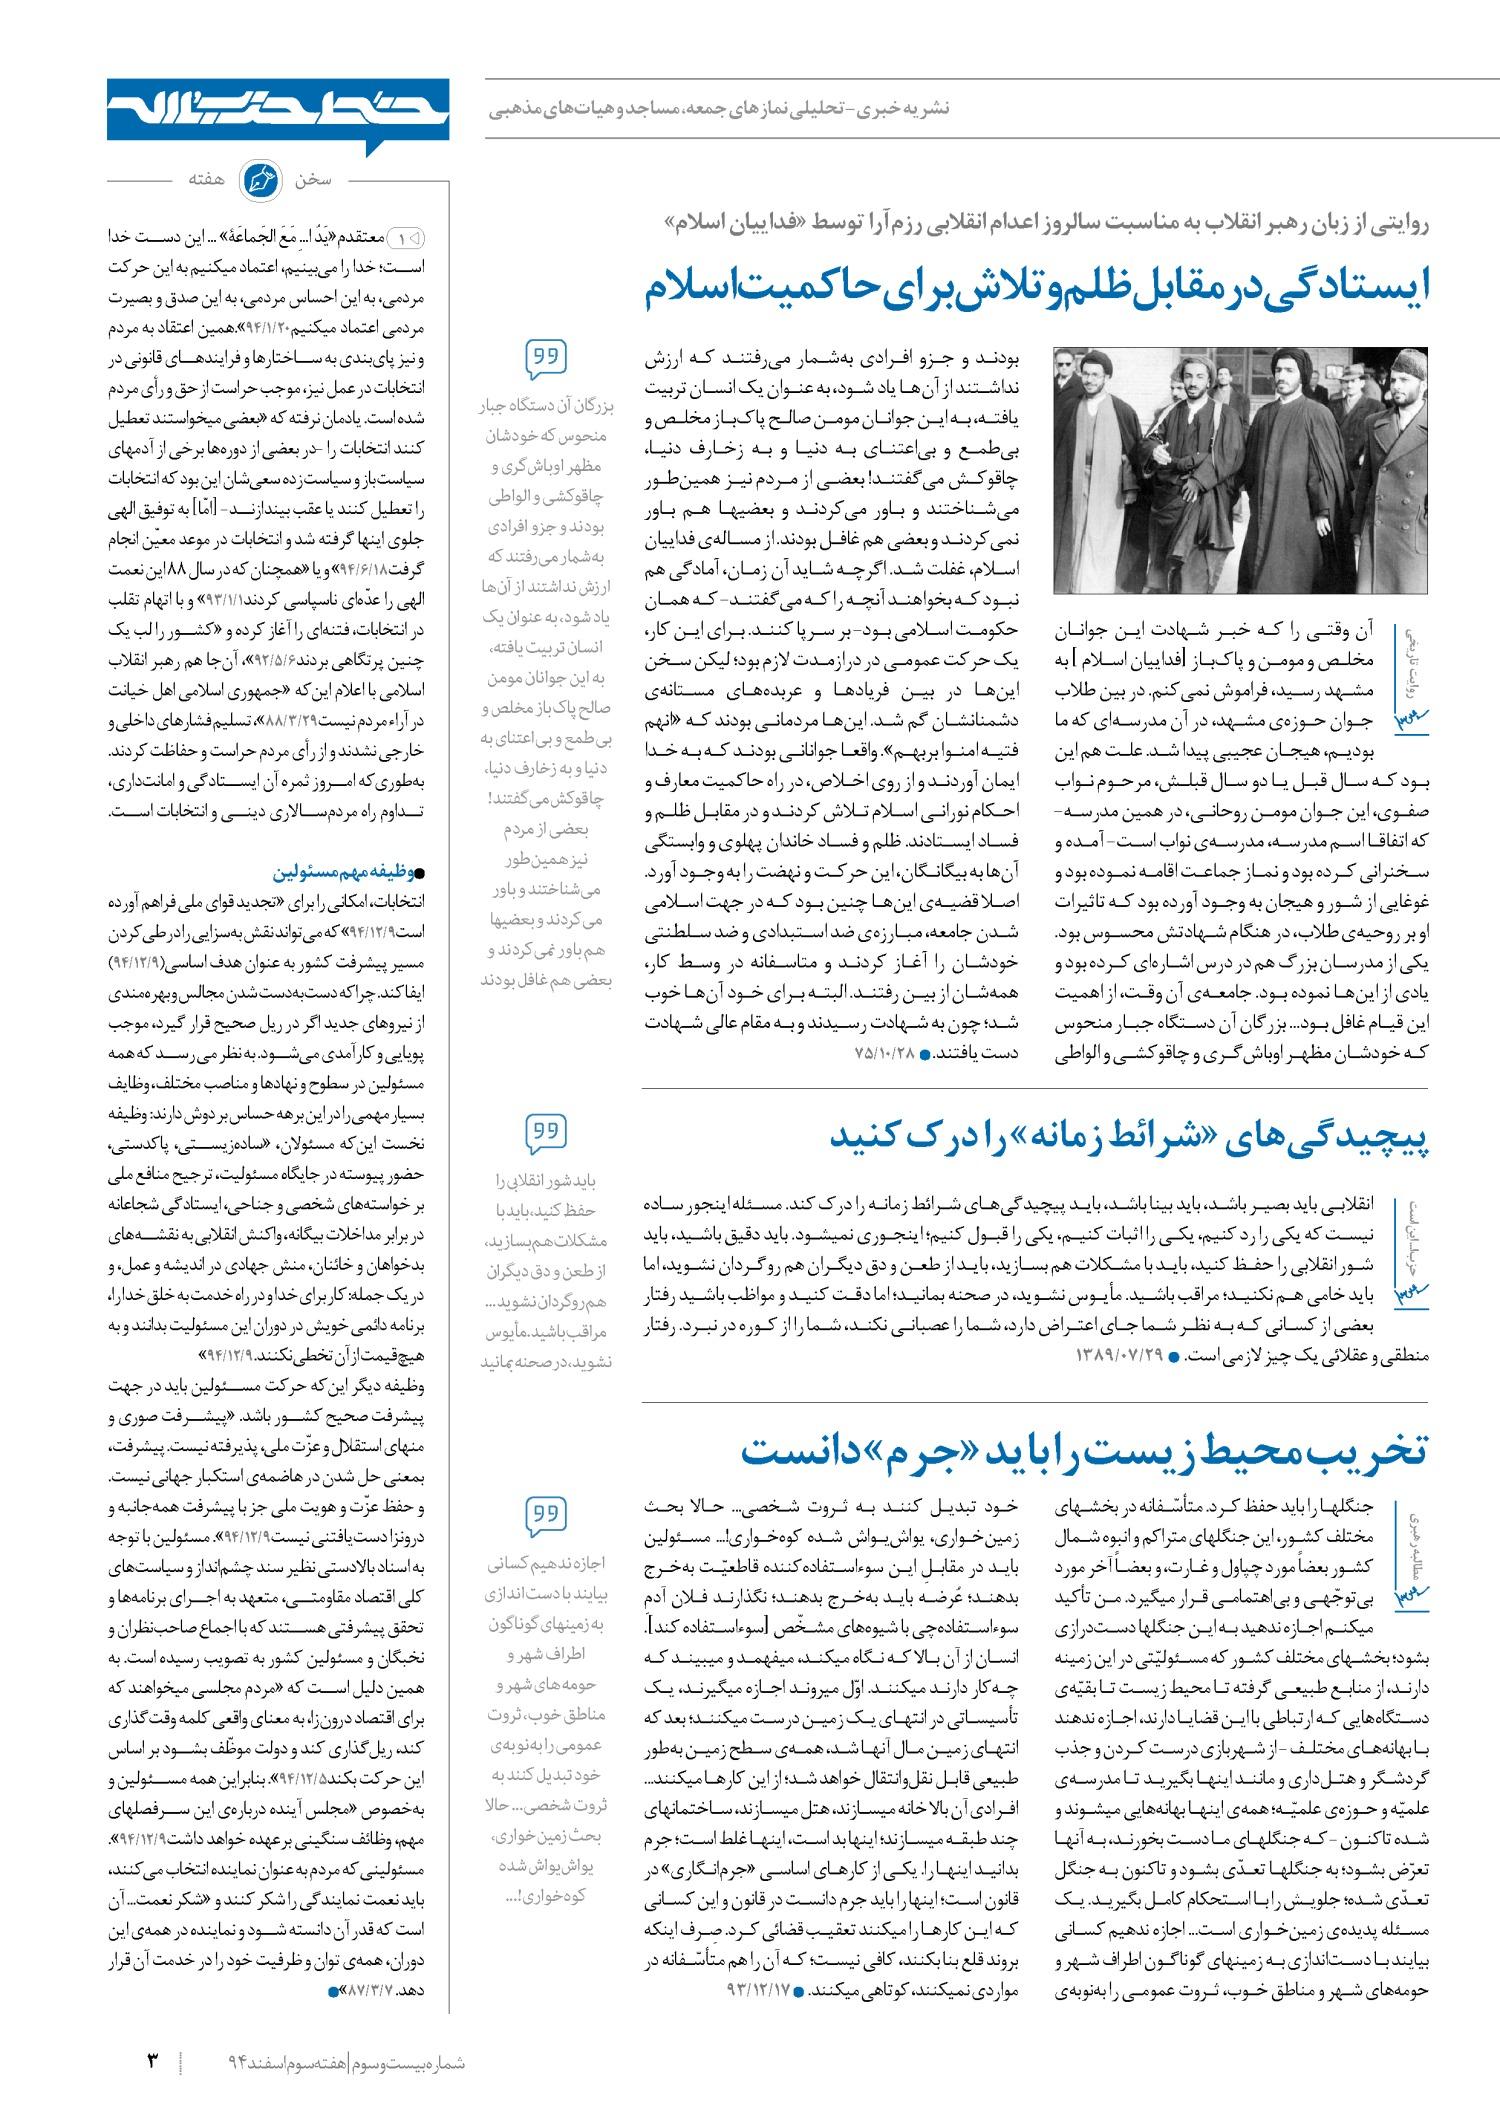 خط حزب الله -شماره پنجم خط حزب الله -شماره بیست و سوم page large 3